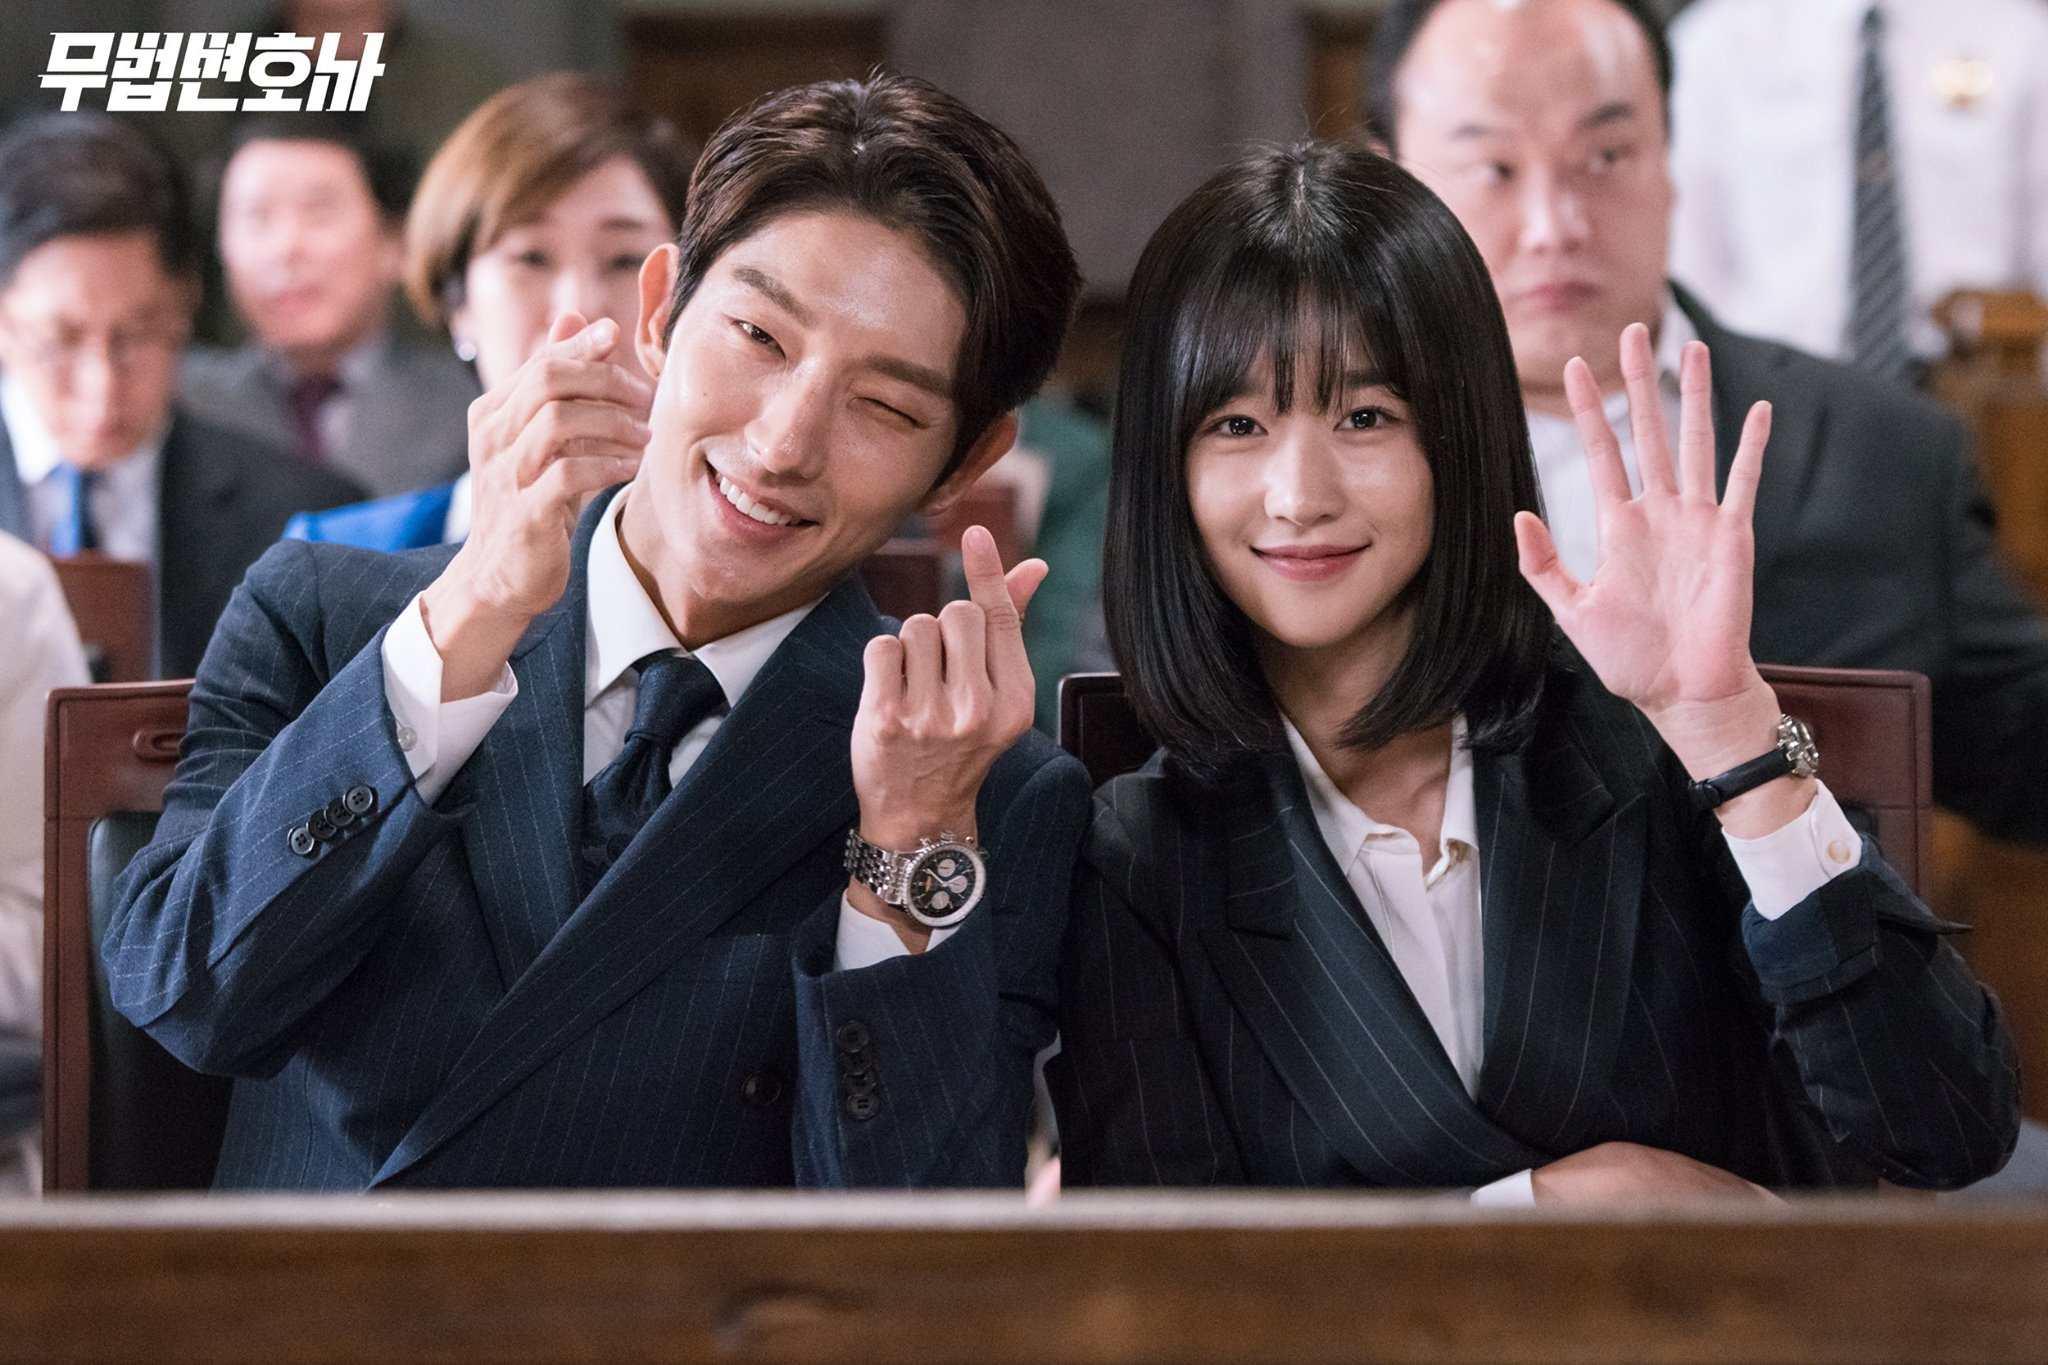 ✿TOP7  tvN《無法律師》 話題佔有率:4.07% ※講述原本是黑幫成員的奉尚弼,本來不相信法律、更相信以拳頭解決問題,但為了替媽媽報仇而成為無法律師,以一己之力與巨大權力抗爭站上正義的法庭的故事。